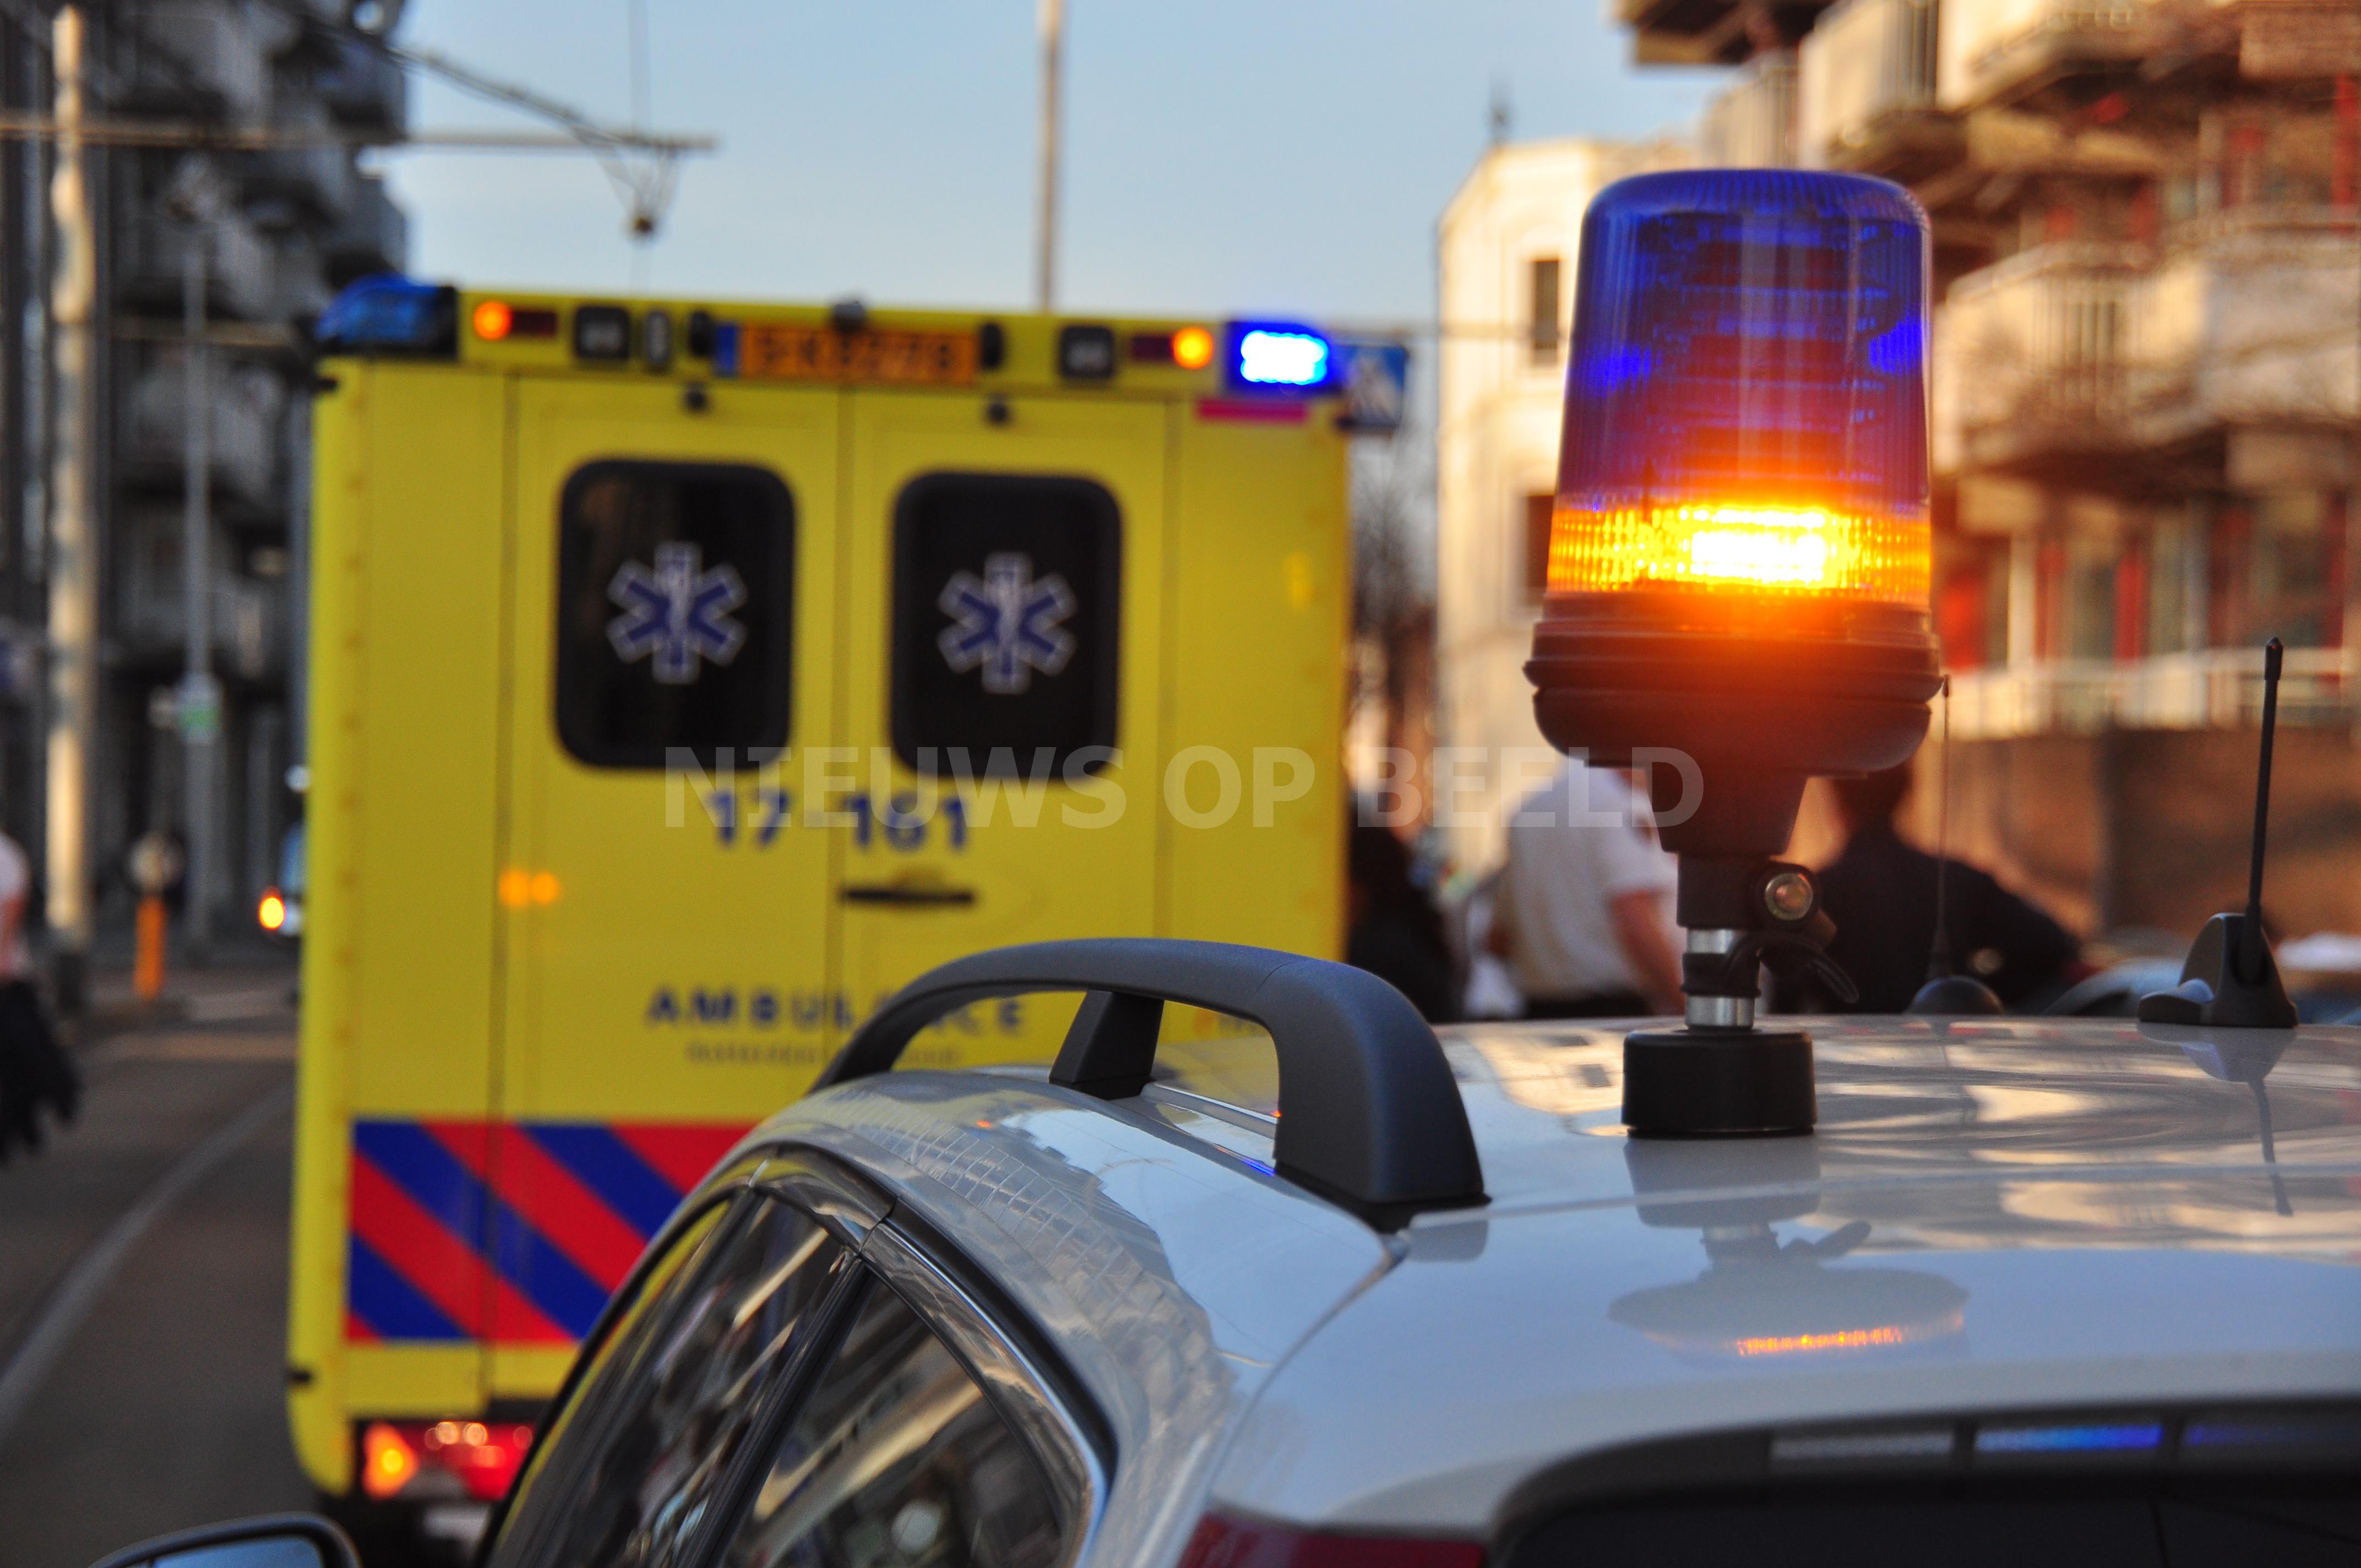 Politie lost schoten bij incident, man (50) komt te overlijden